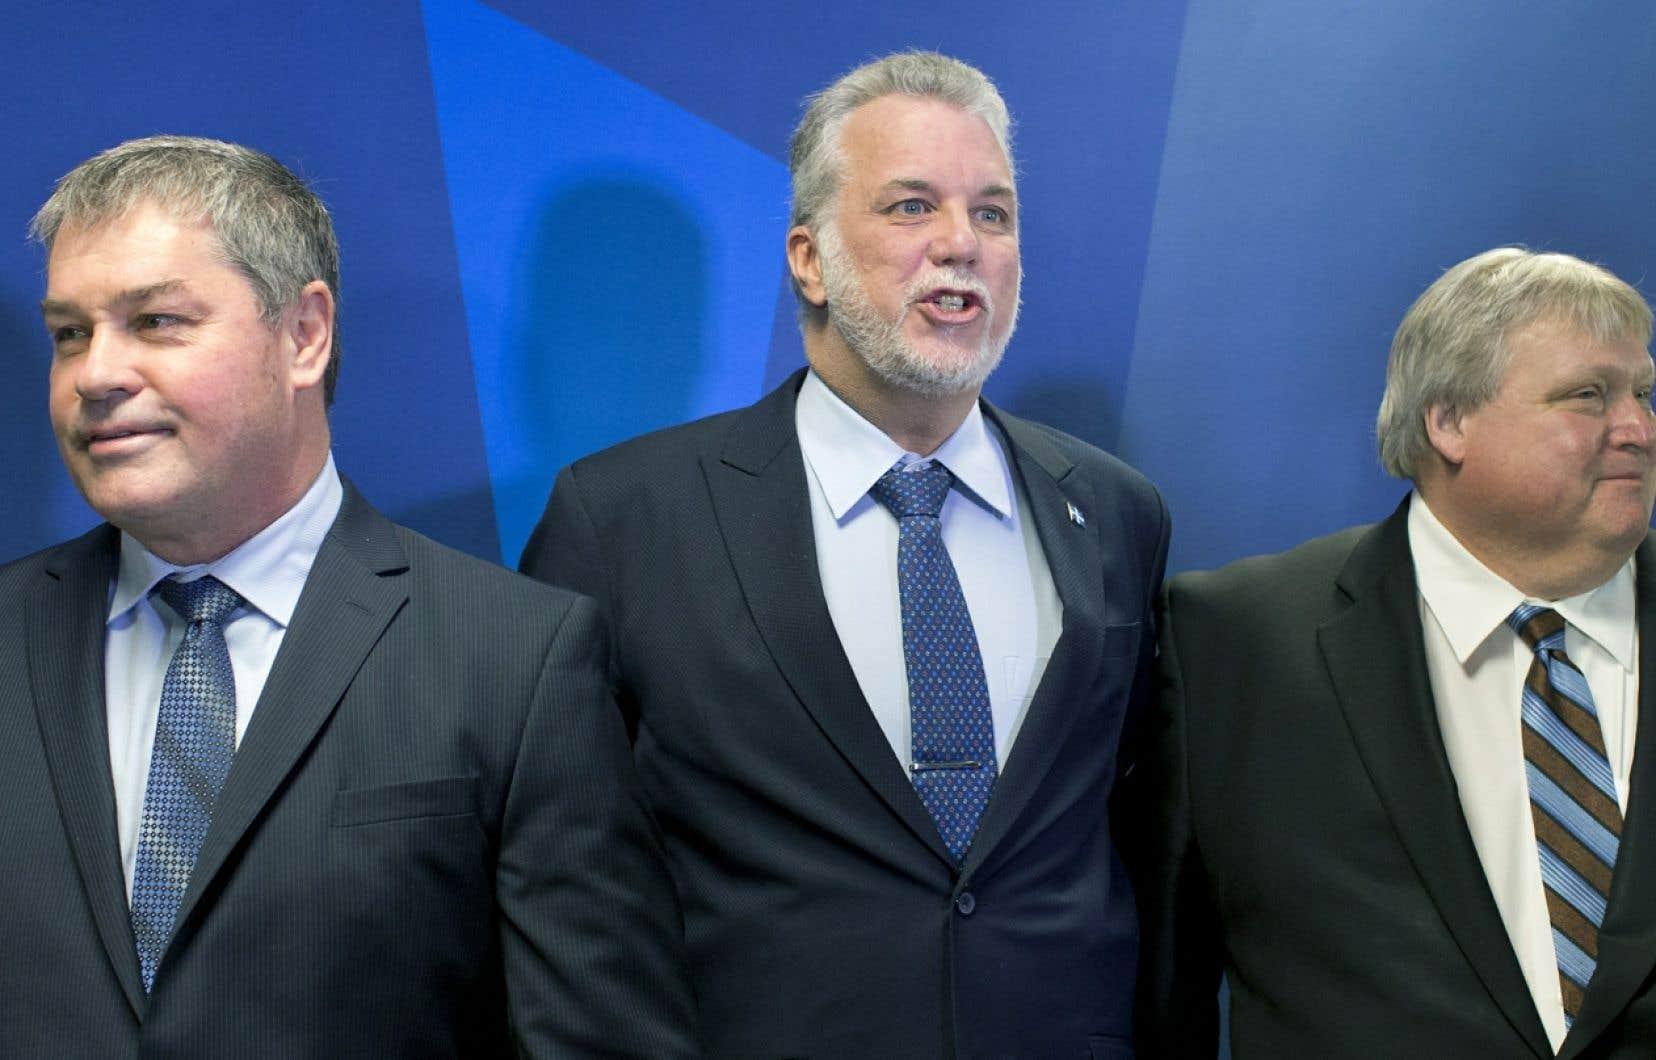 À eux seuls, le nouveau ministre de la Santé et des Services sociaux, le Dr Gaétan Barrette, et celui de l'Éducation, le Dr Yves Bolduc, auront entre leurs mains pas moins de 75% du budget du Québec.